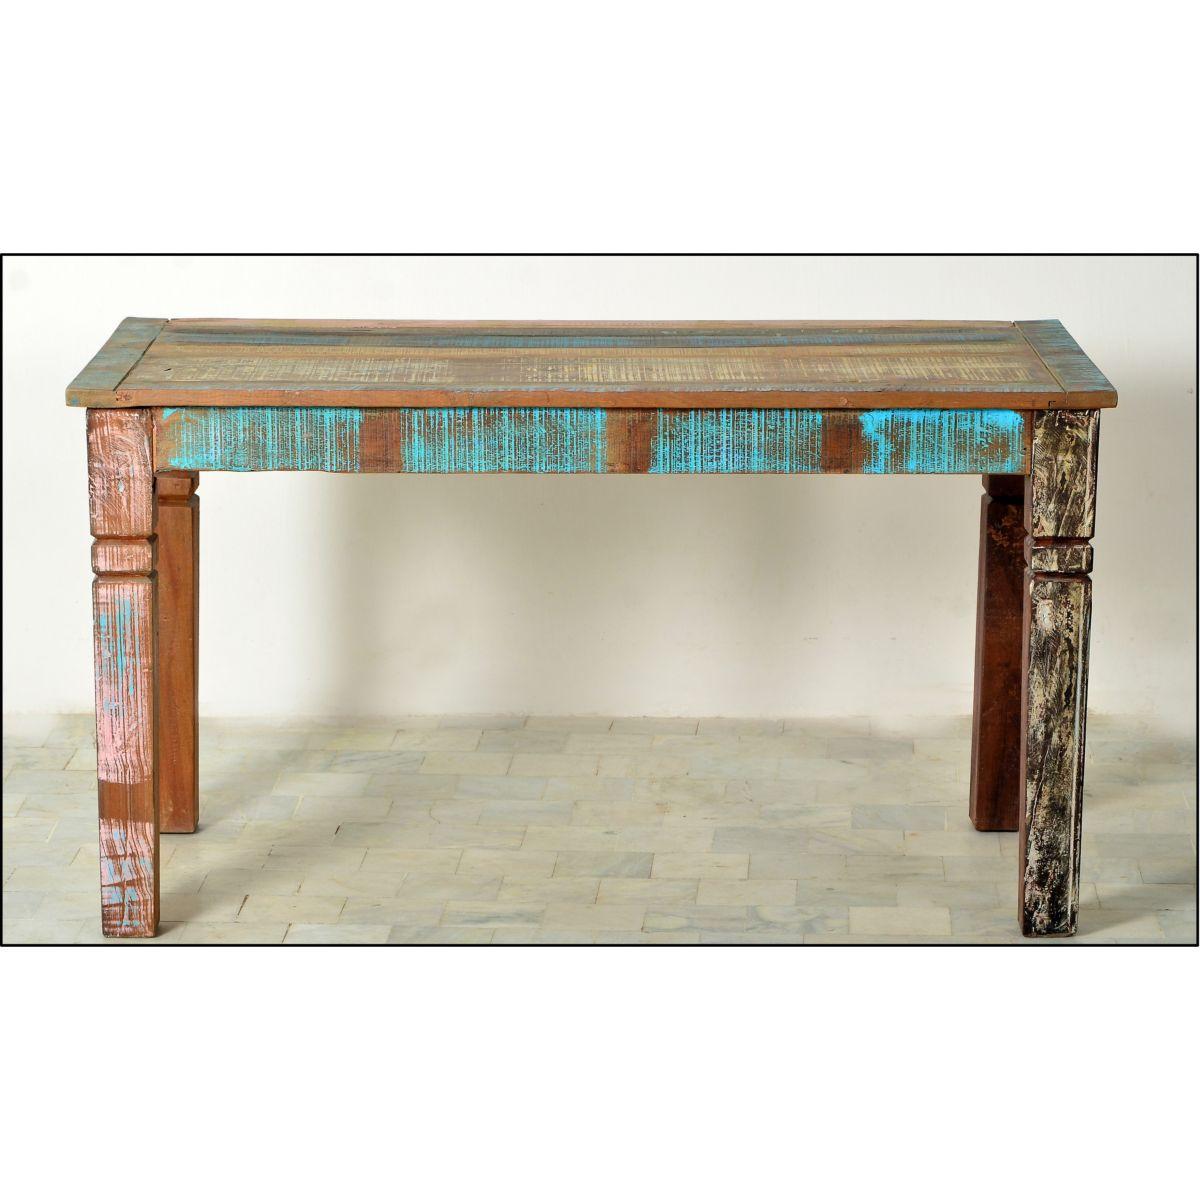 Esstisch 140 x 70 cm echt Altholz bunt - broschei